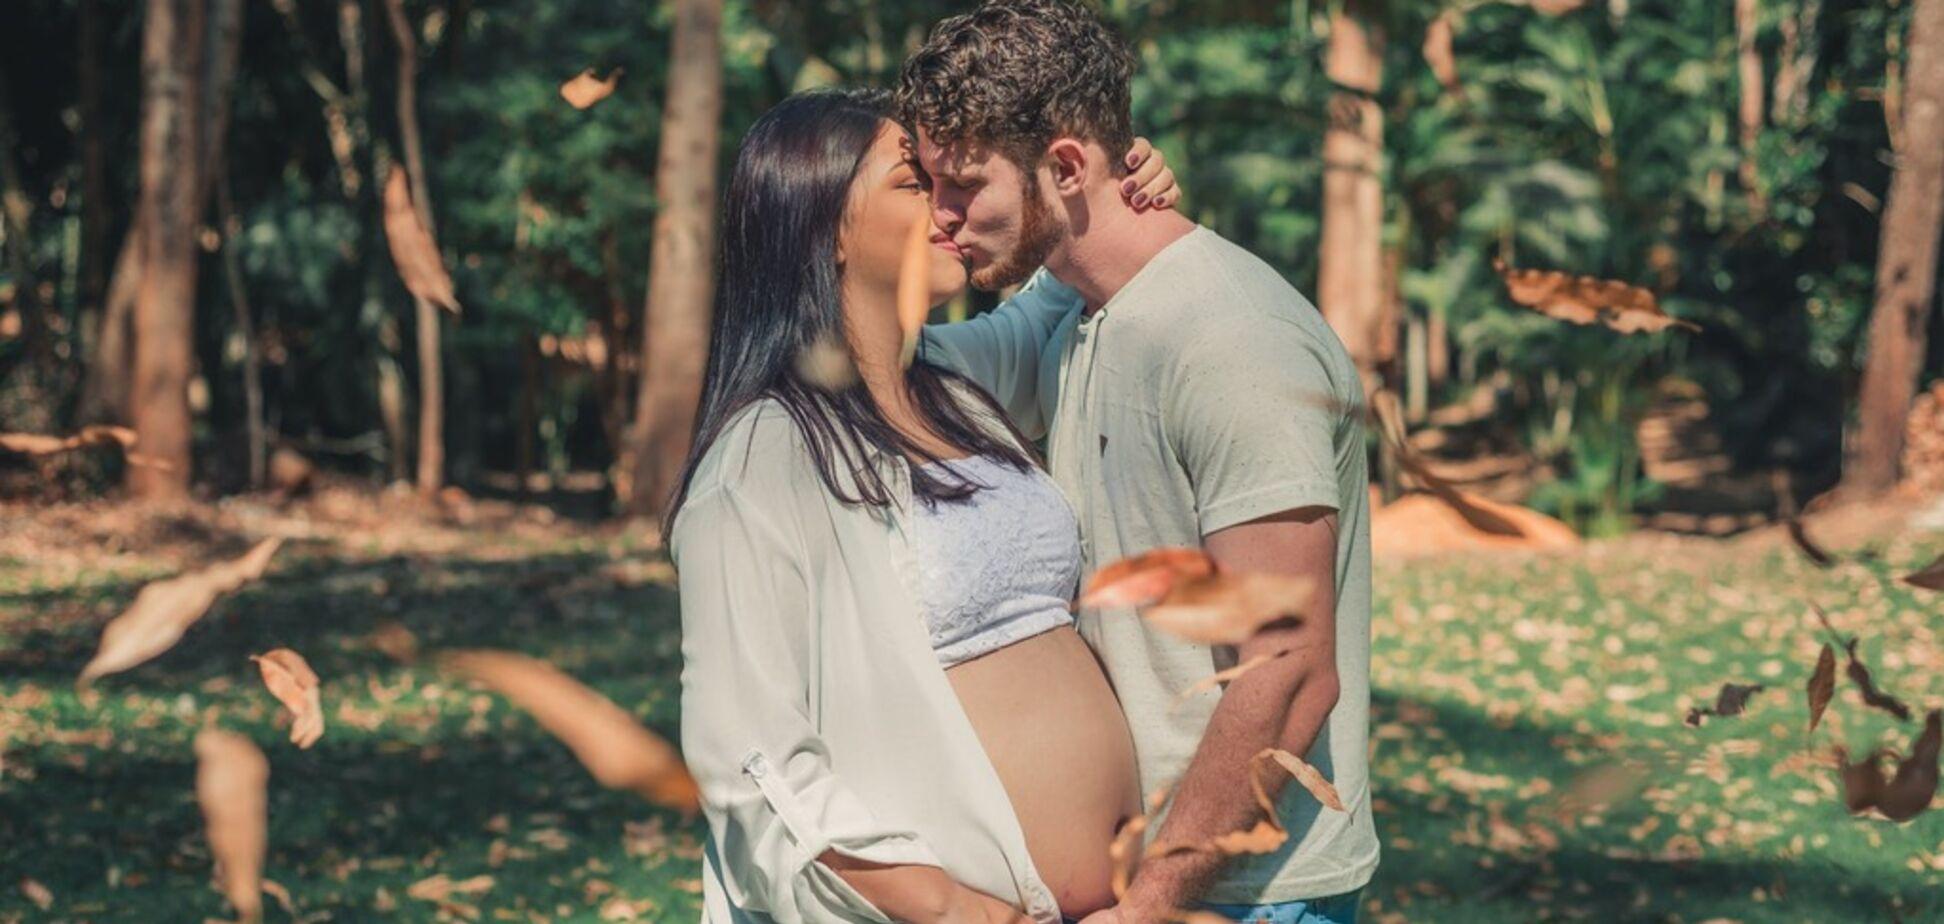 Секс во время беременности: развенчаны главные мифы